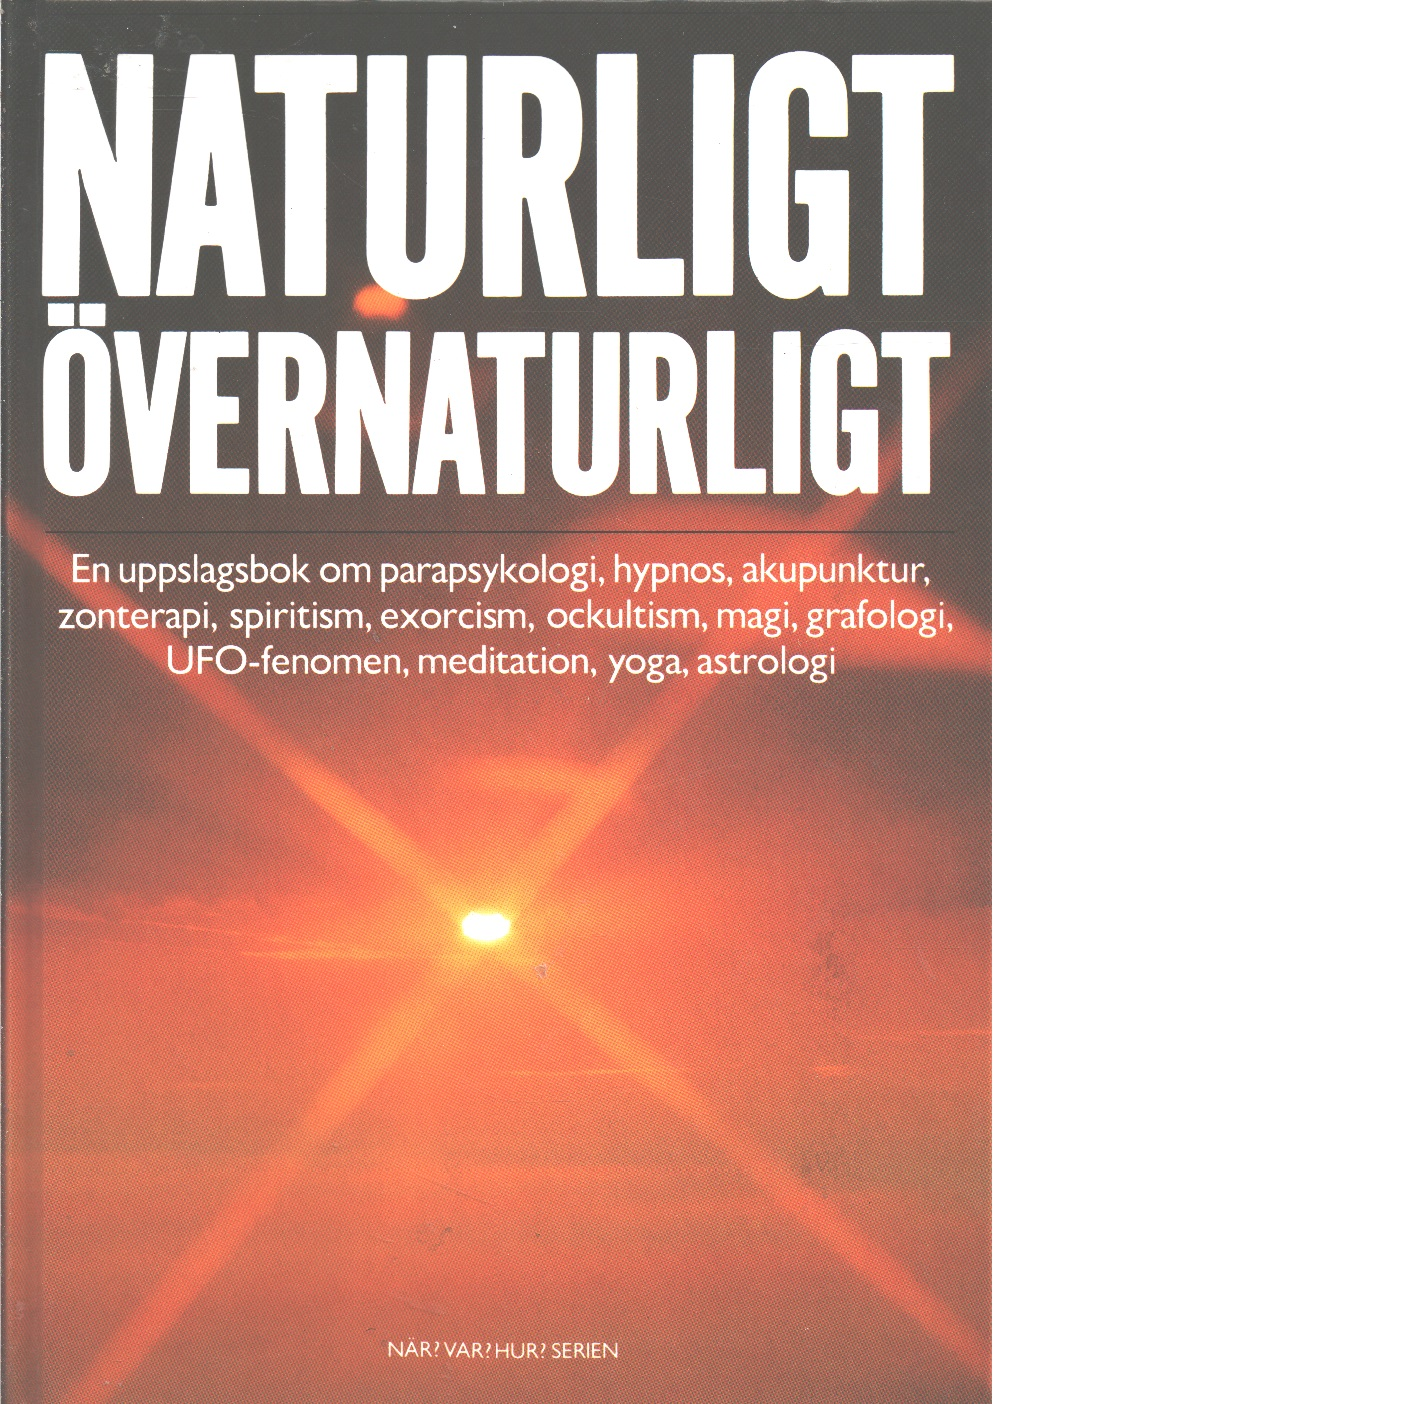 Naturligt - övernaturligt - Fersling, Poul